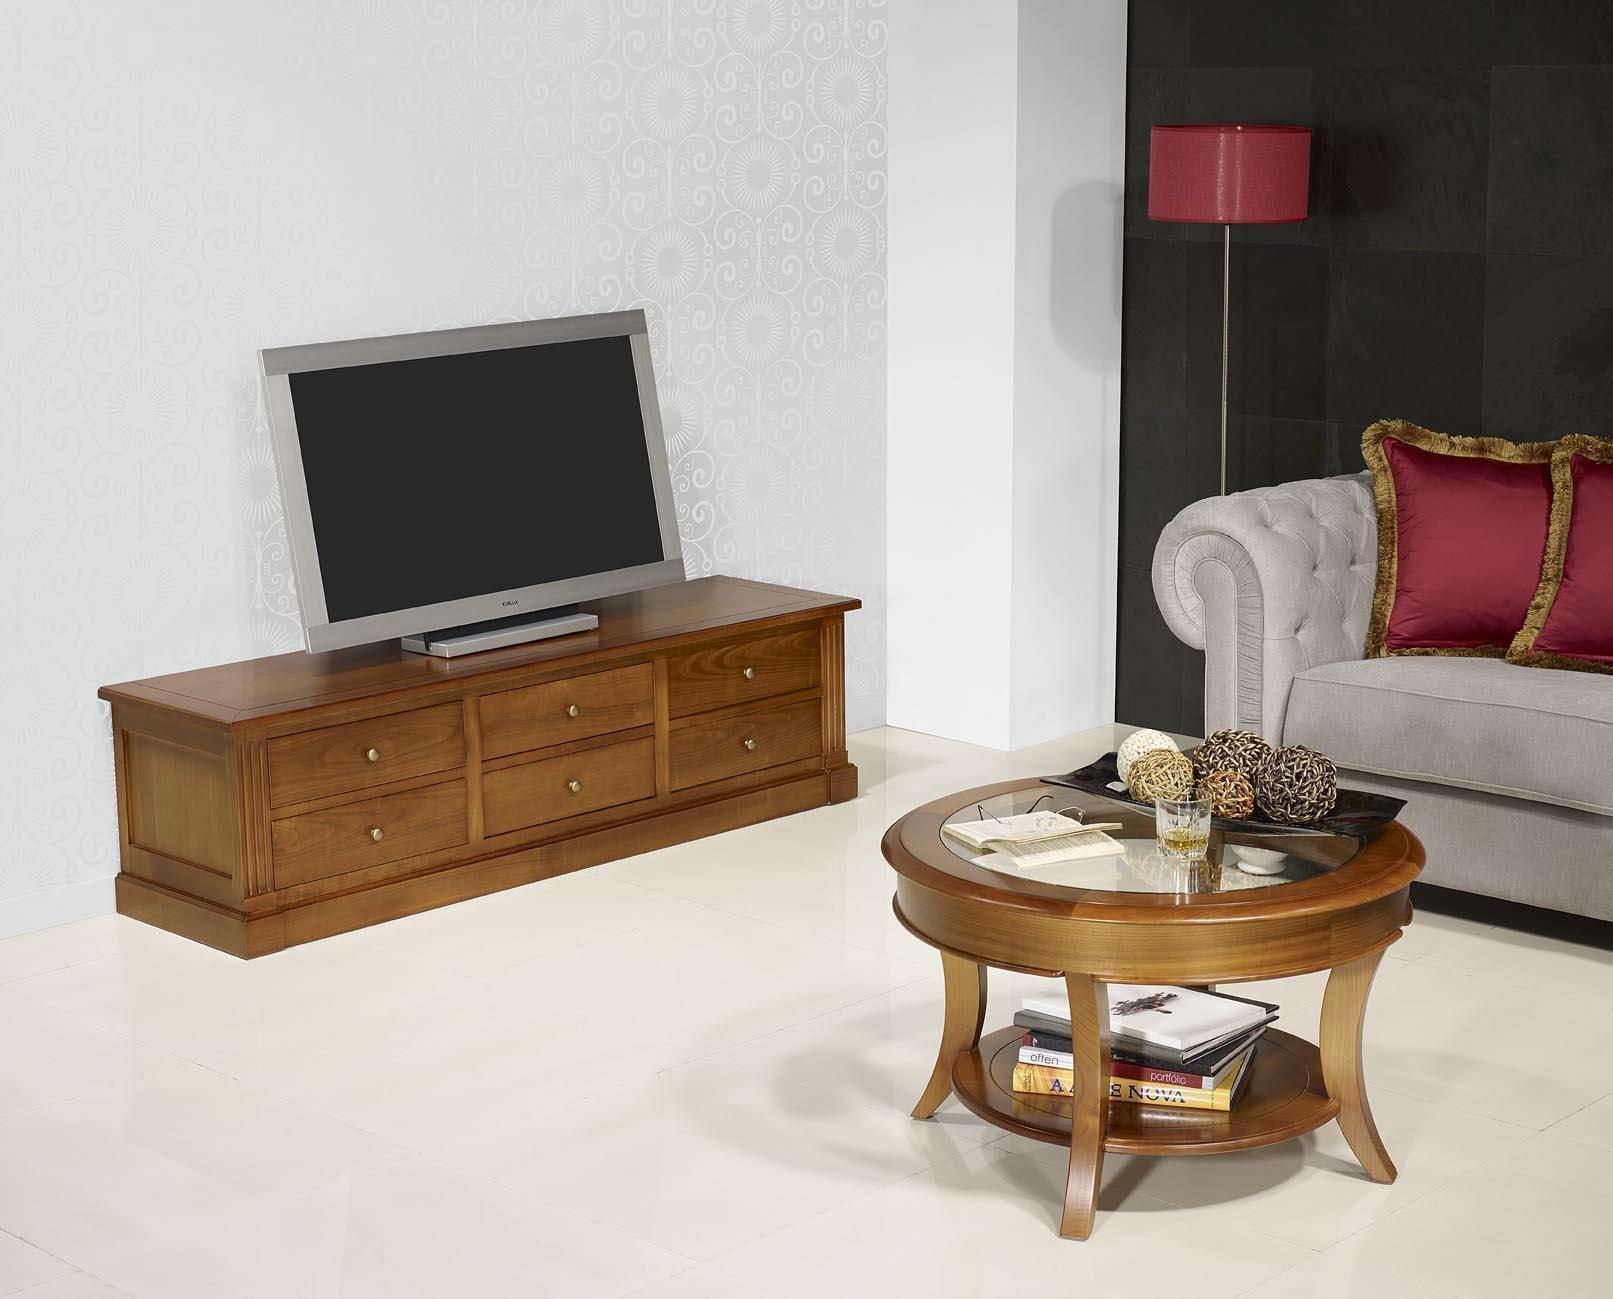 Table basse ronde Melodie en Merisier Massif de style Louis Philippe Plateau  -> Table De Salon Verre Et Merisier